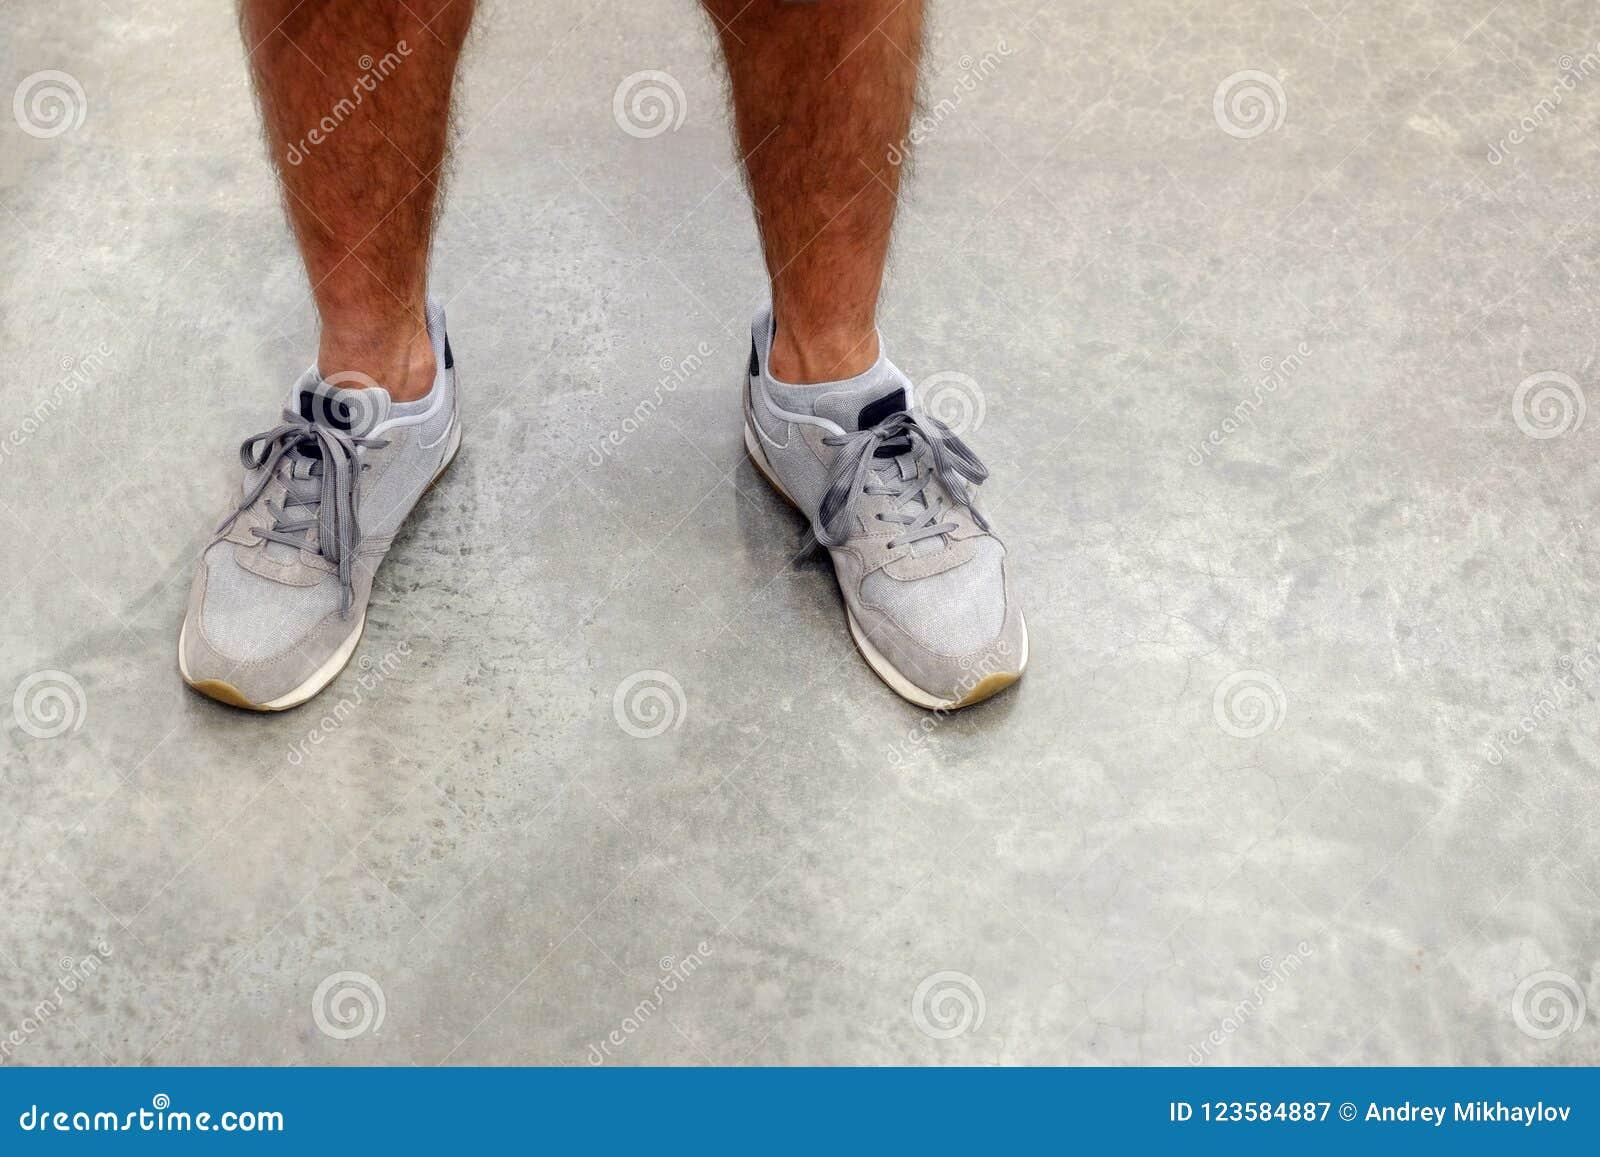 栓跑鞋的人